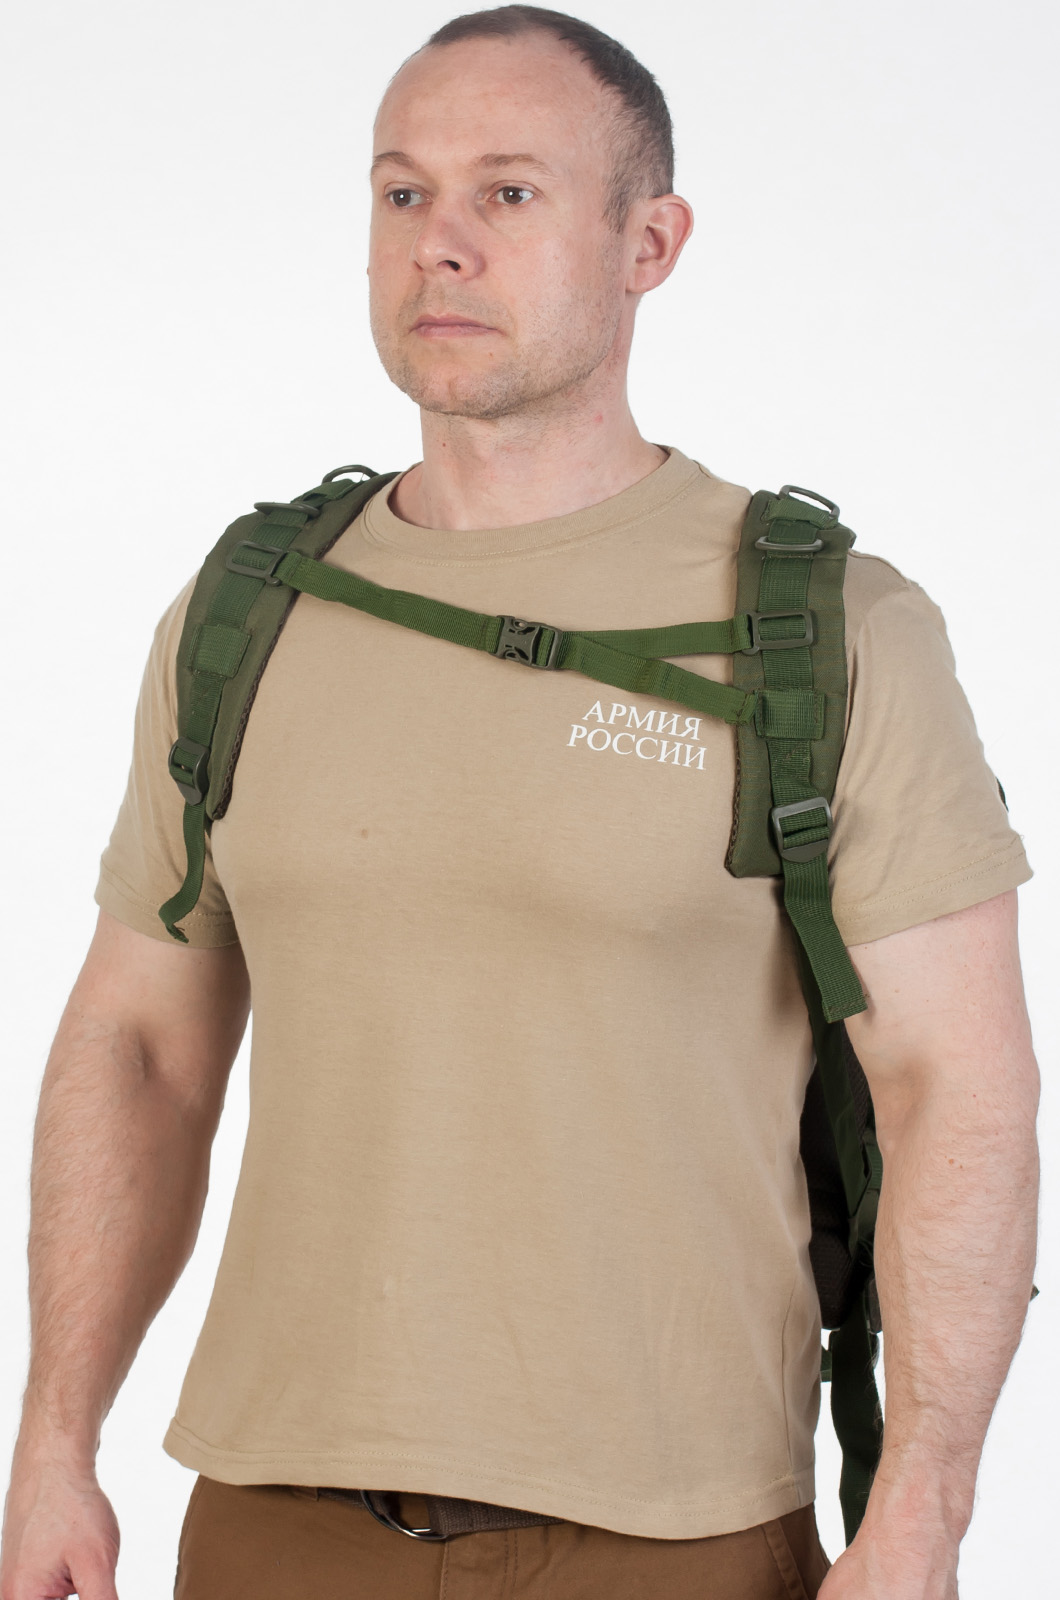 Походный рюкзак хаки в интернет-магазине